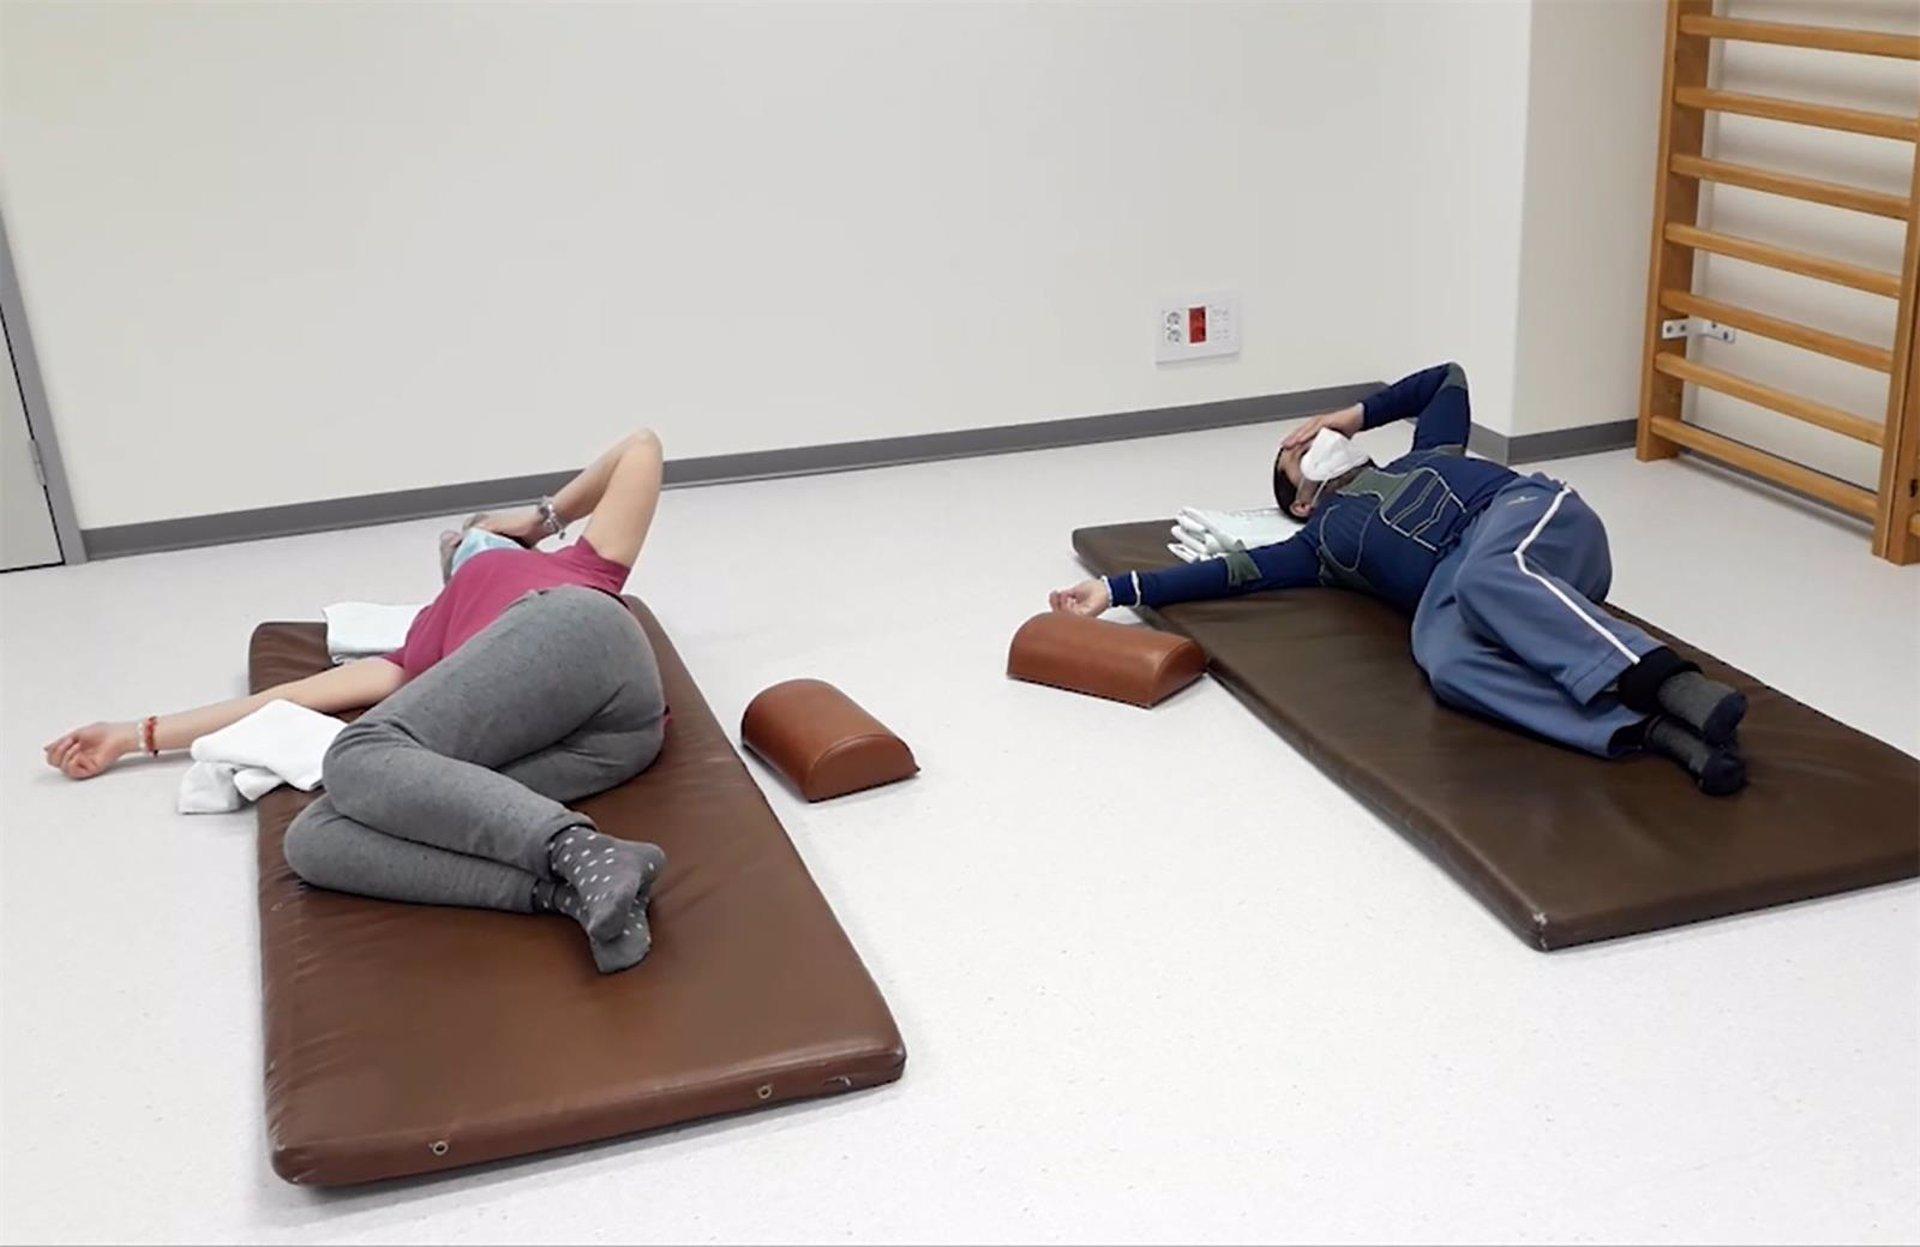 Hospitales de Granada y asociaciones editan vídeos con rehabilitación y recomendaciones para el autocuidado